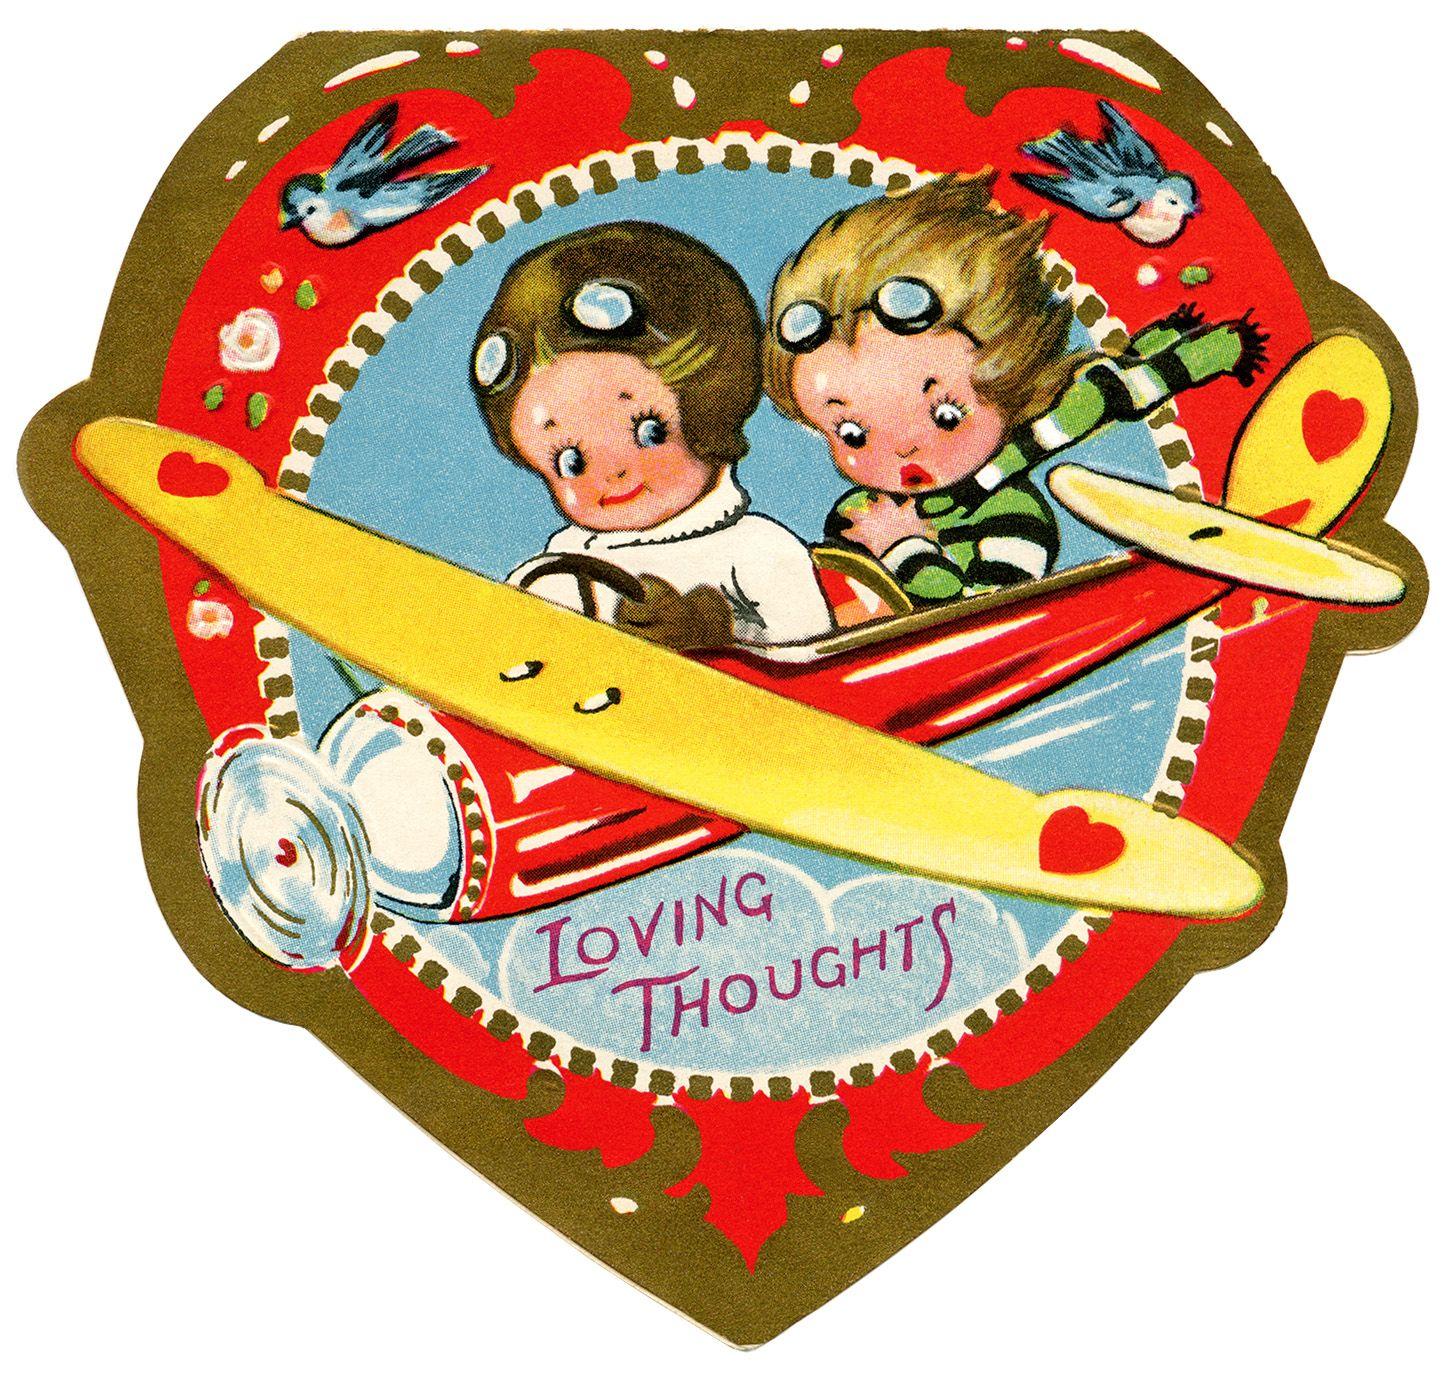 biplane valentine vintage valentine clip art airplane valentine